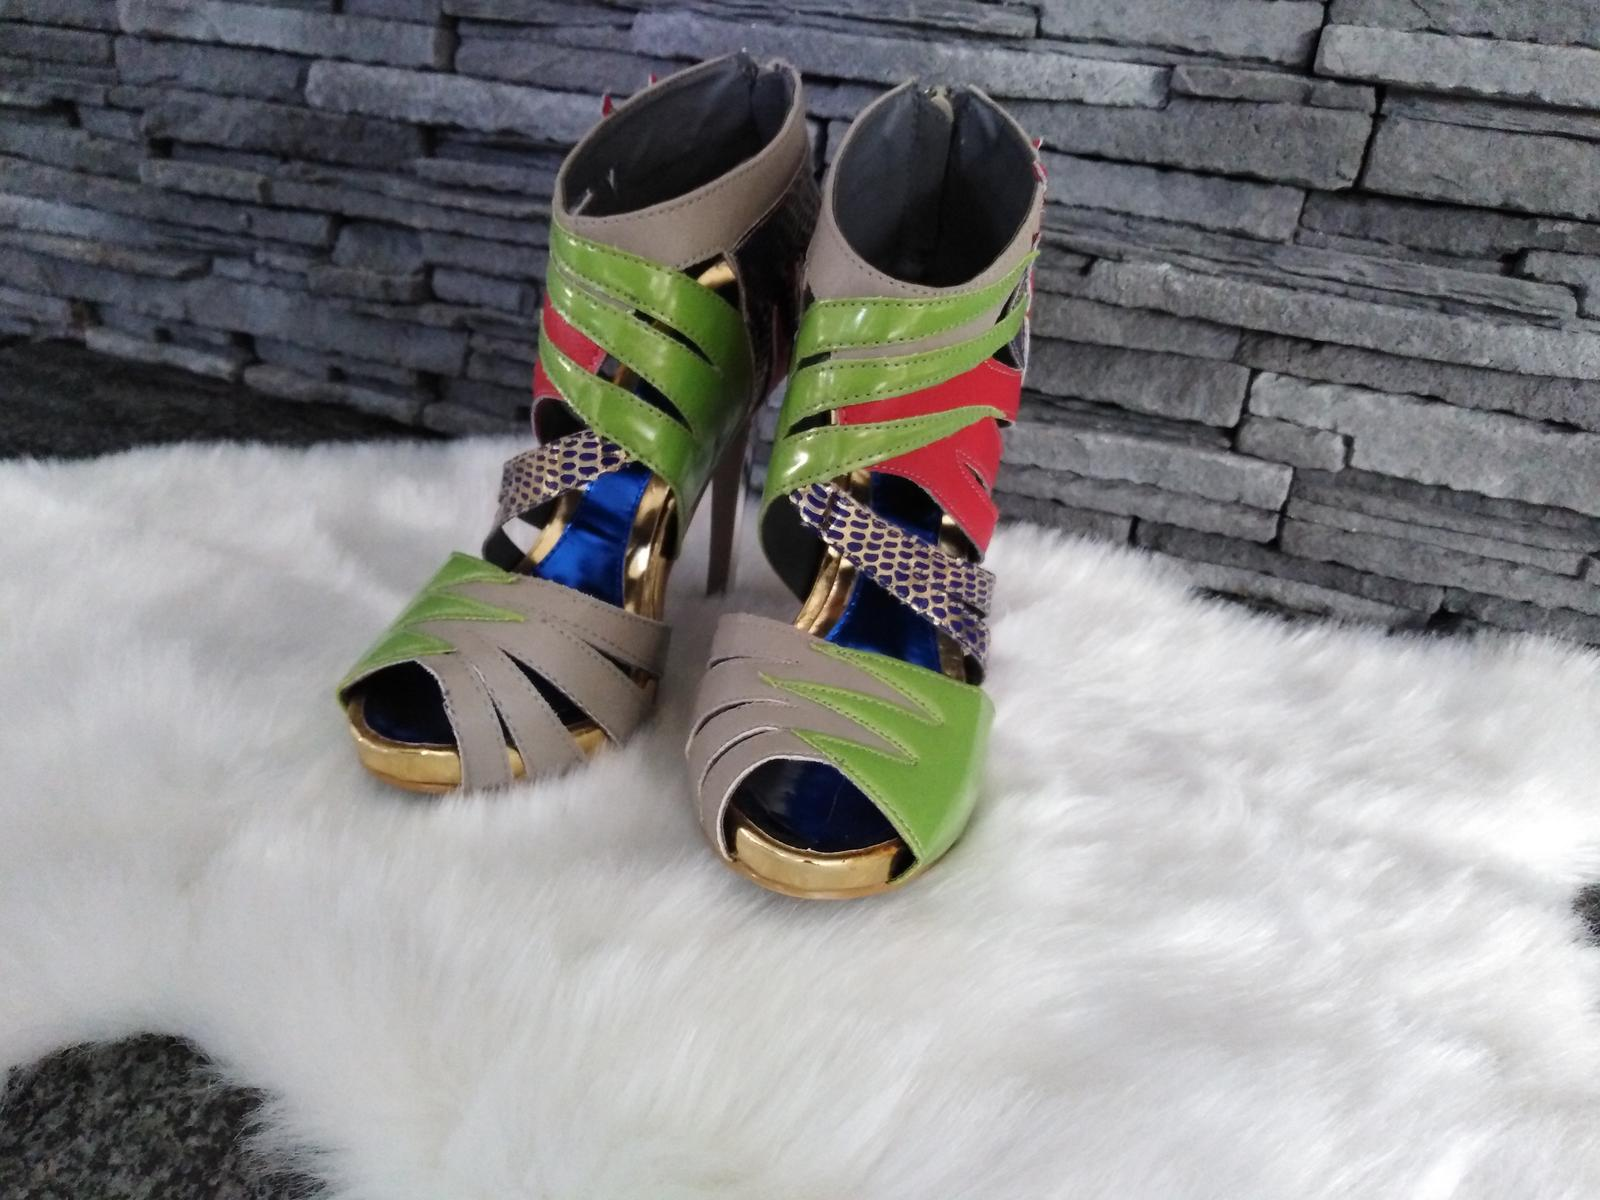 Farebné sandalky - Obrázok č. 3